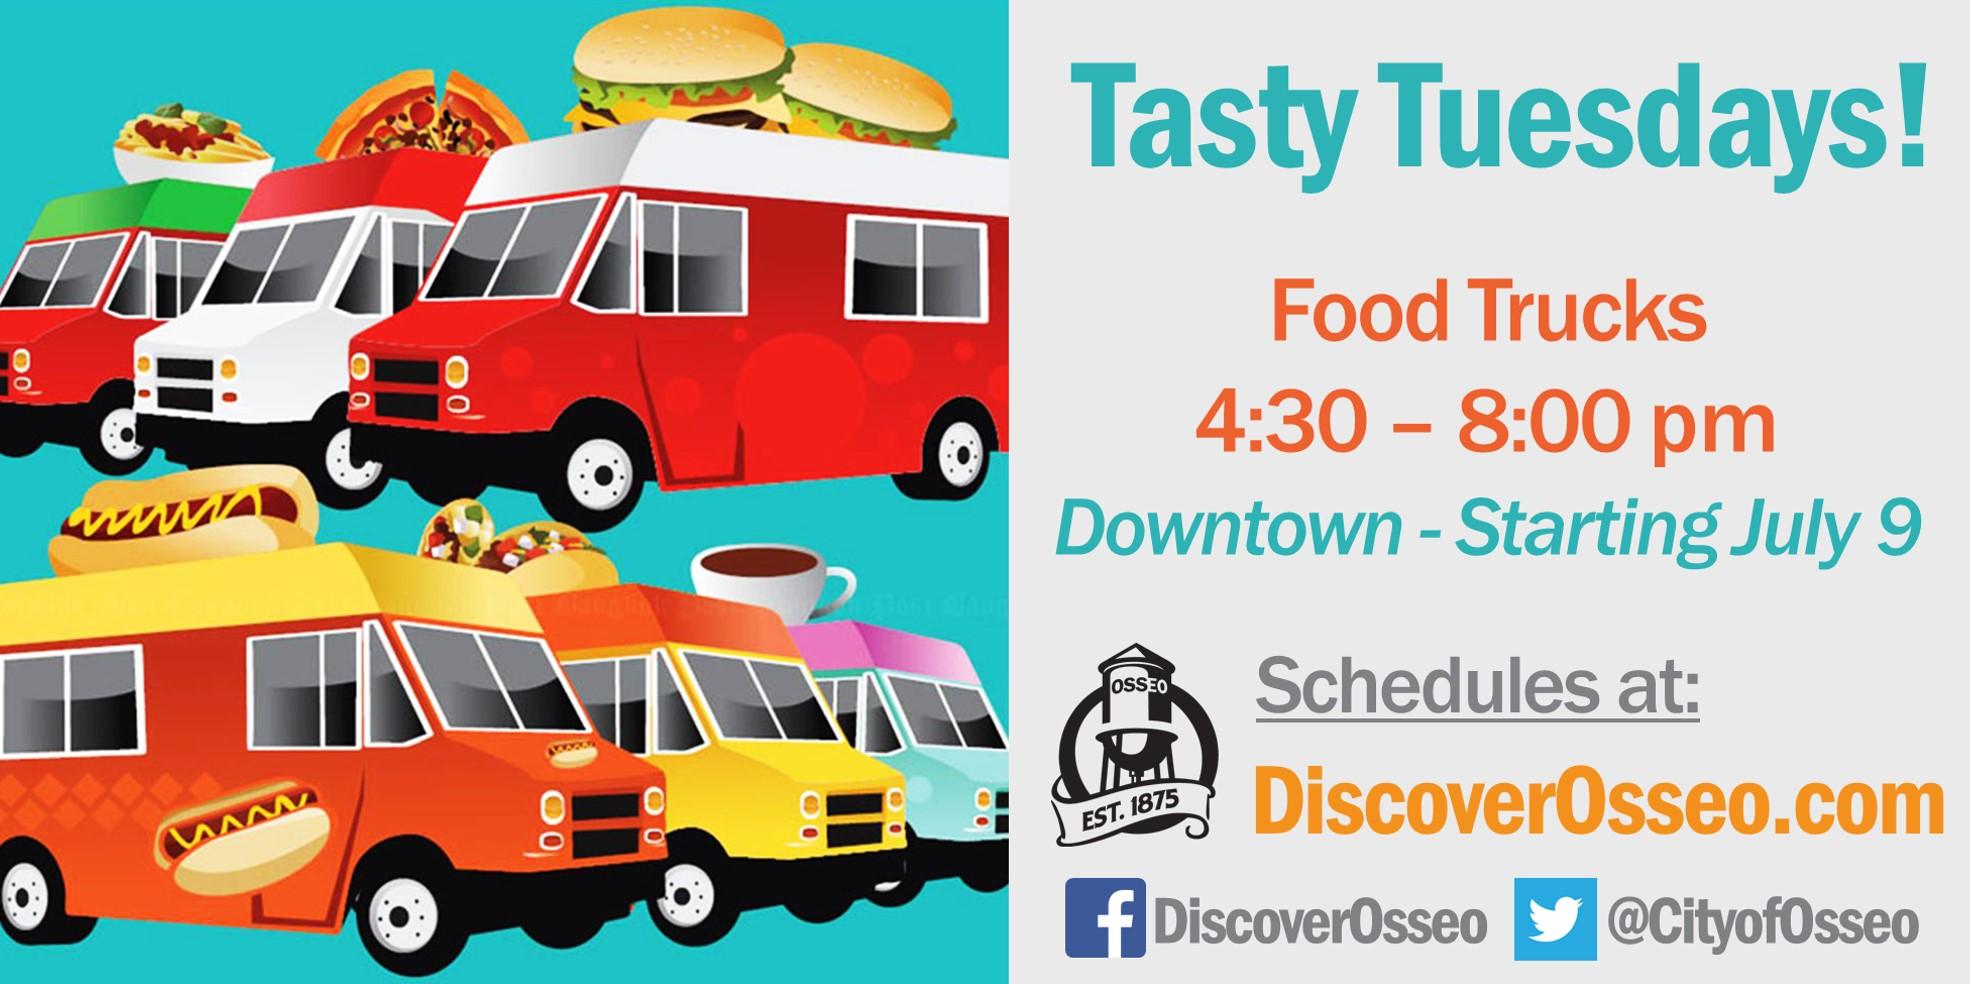 Tasty Tuesdays Food Trucks